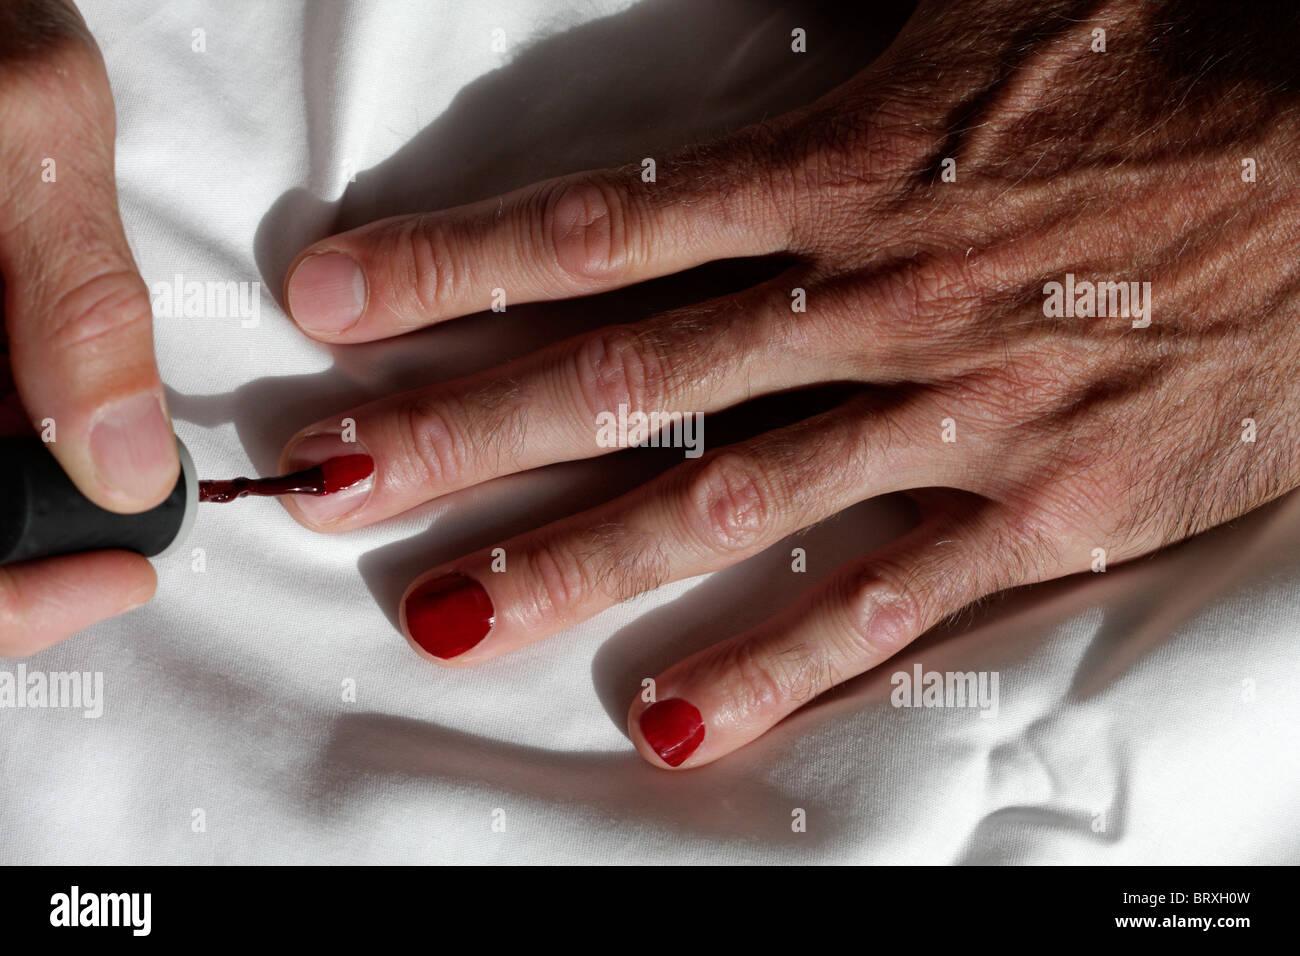 El hombre pintando sus uñas Foto & Imagen De Stock: 31931561 - Alamy